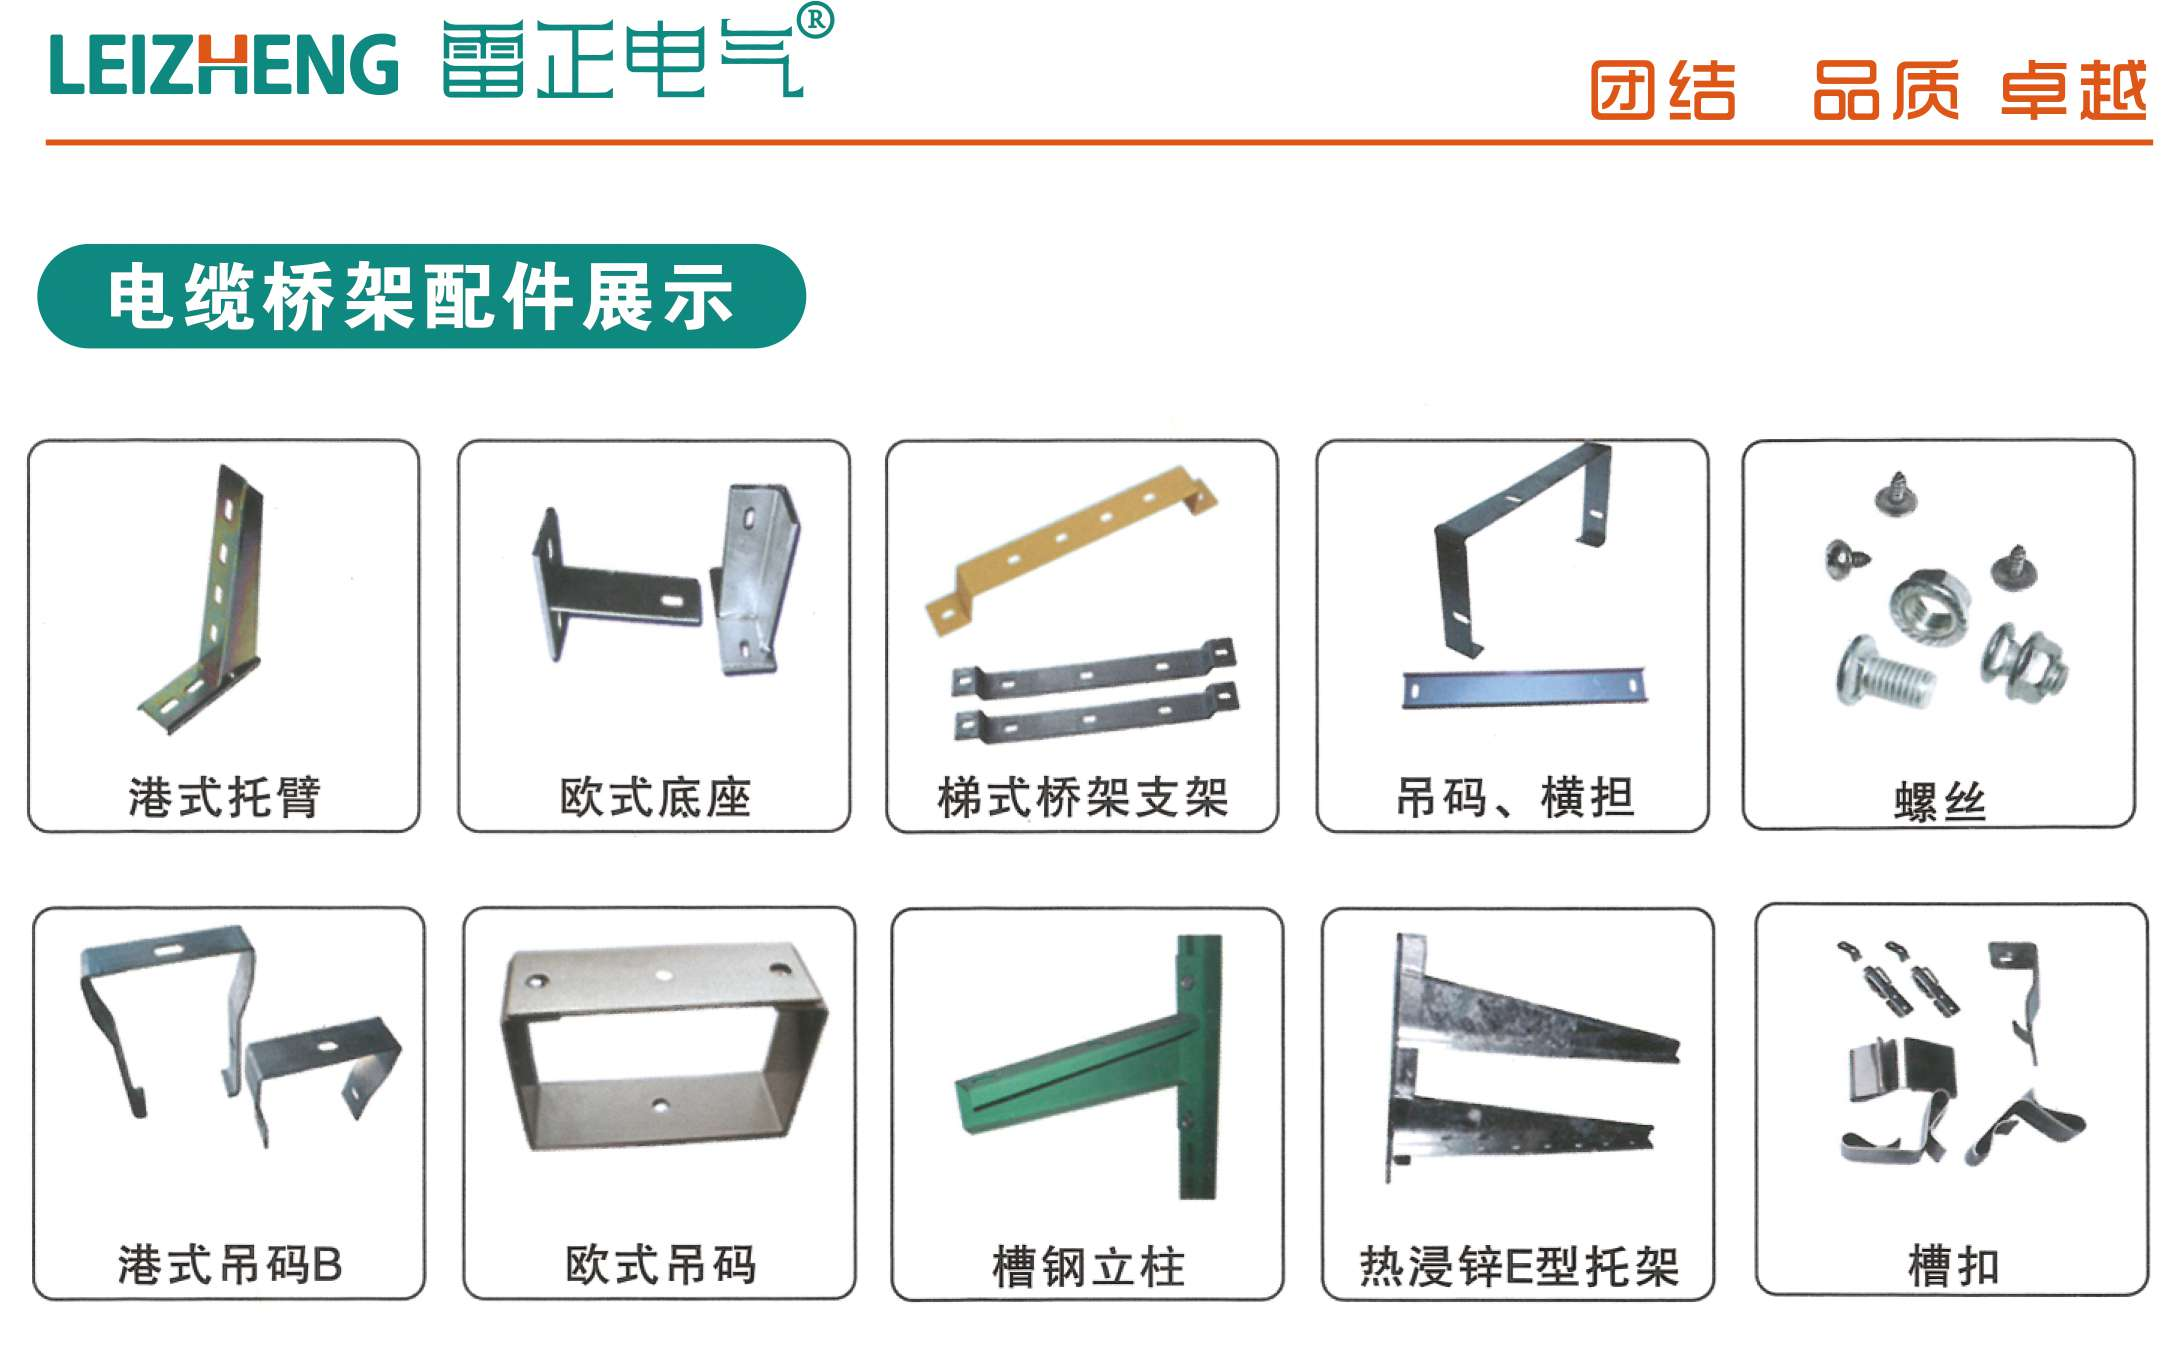 电缆桥架配件展示图